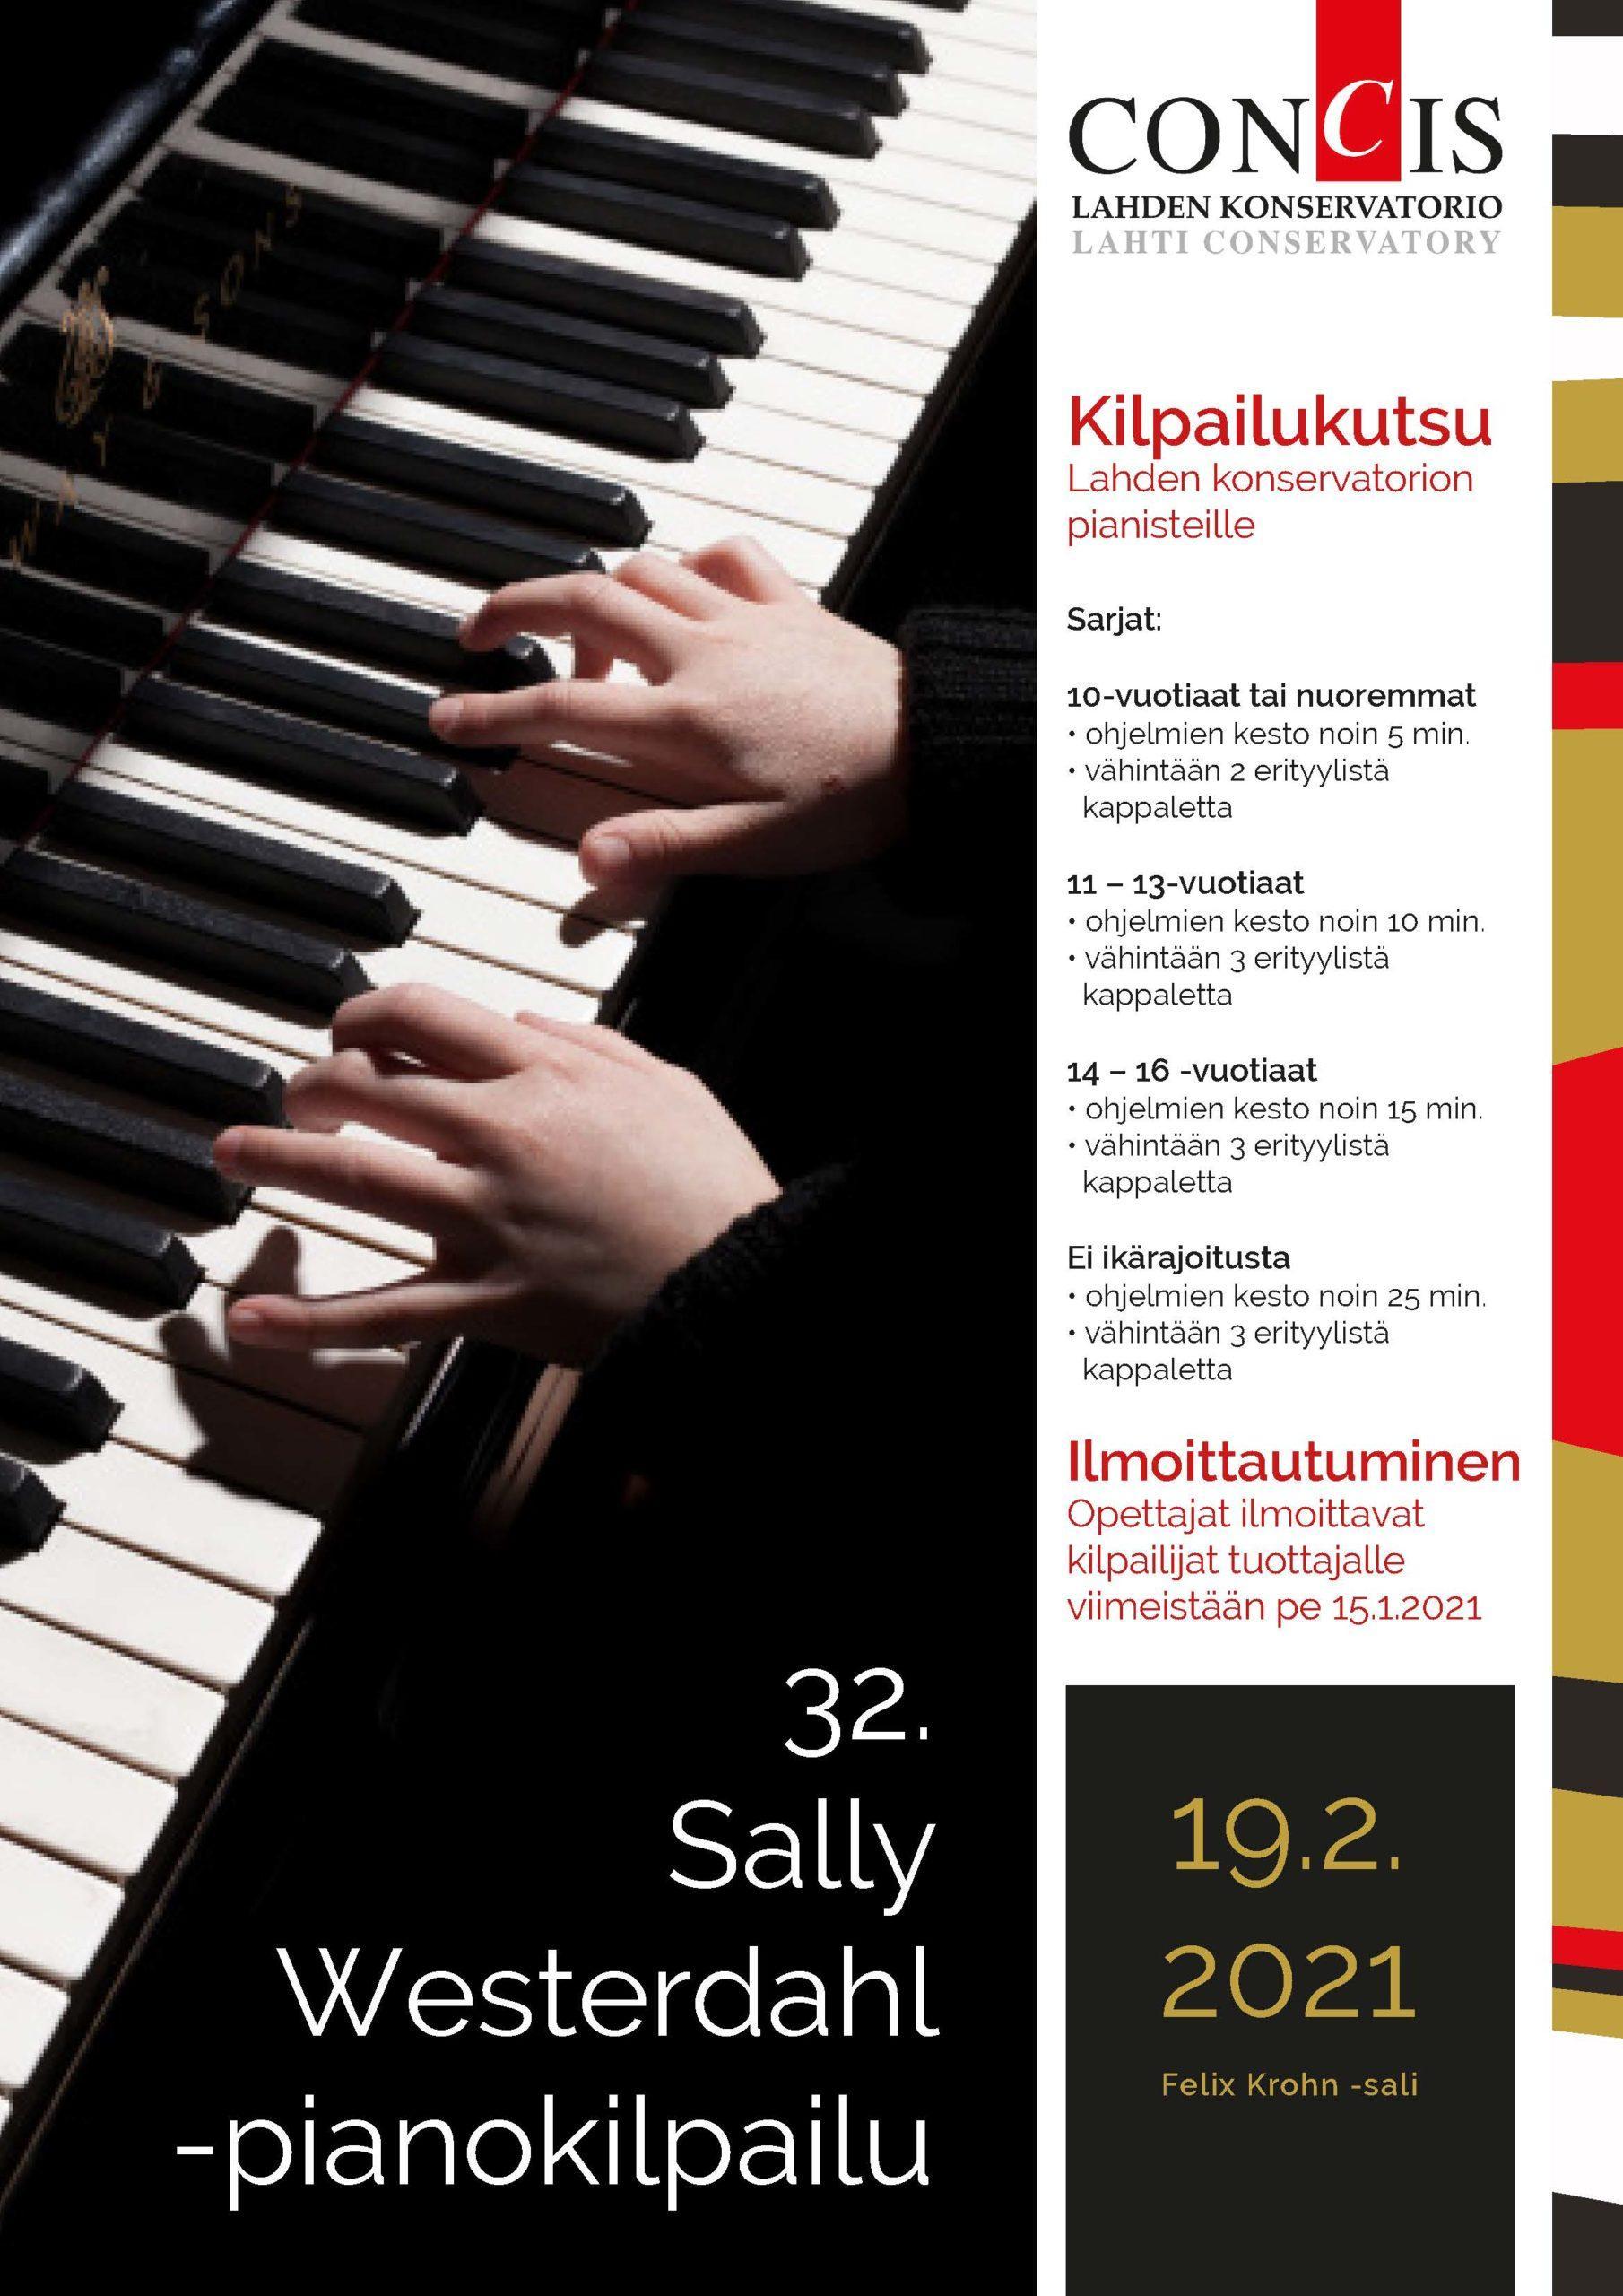 Kilpailukutsu Sally Westerdahl -pianokilpailuun